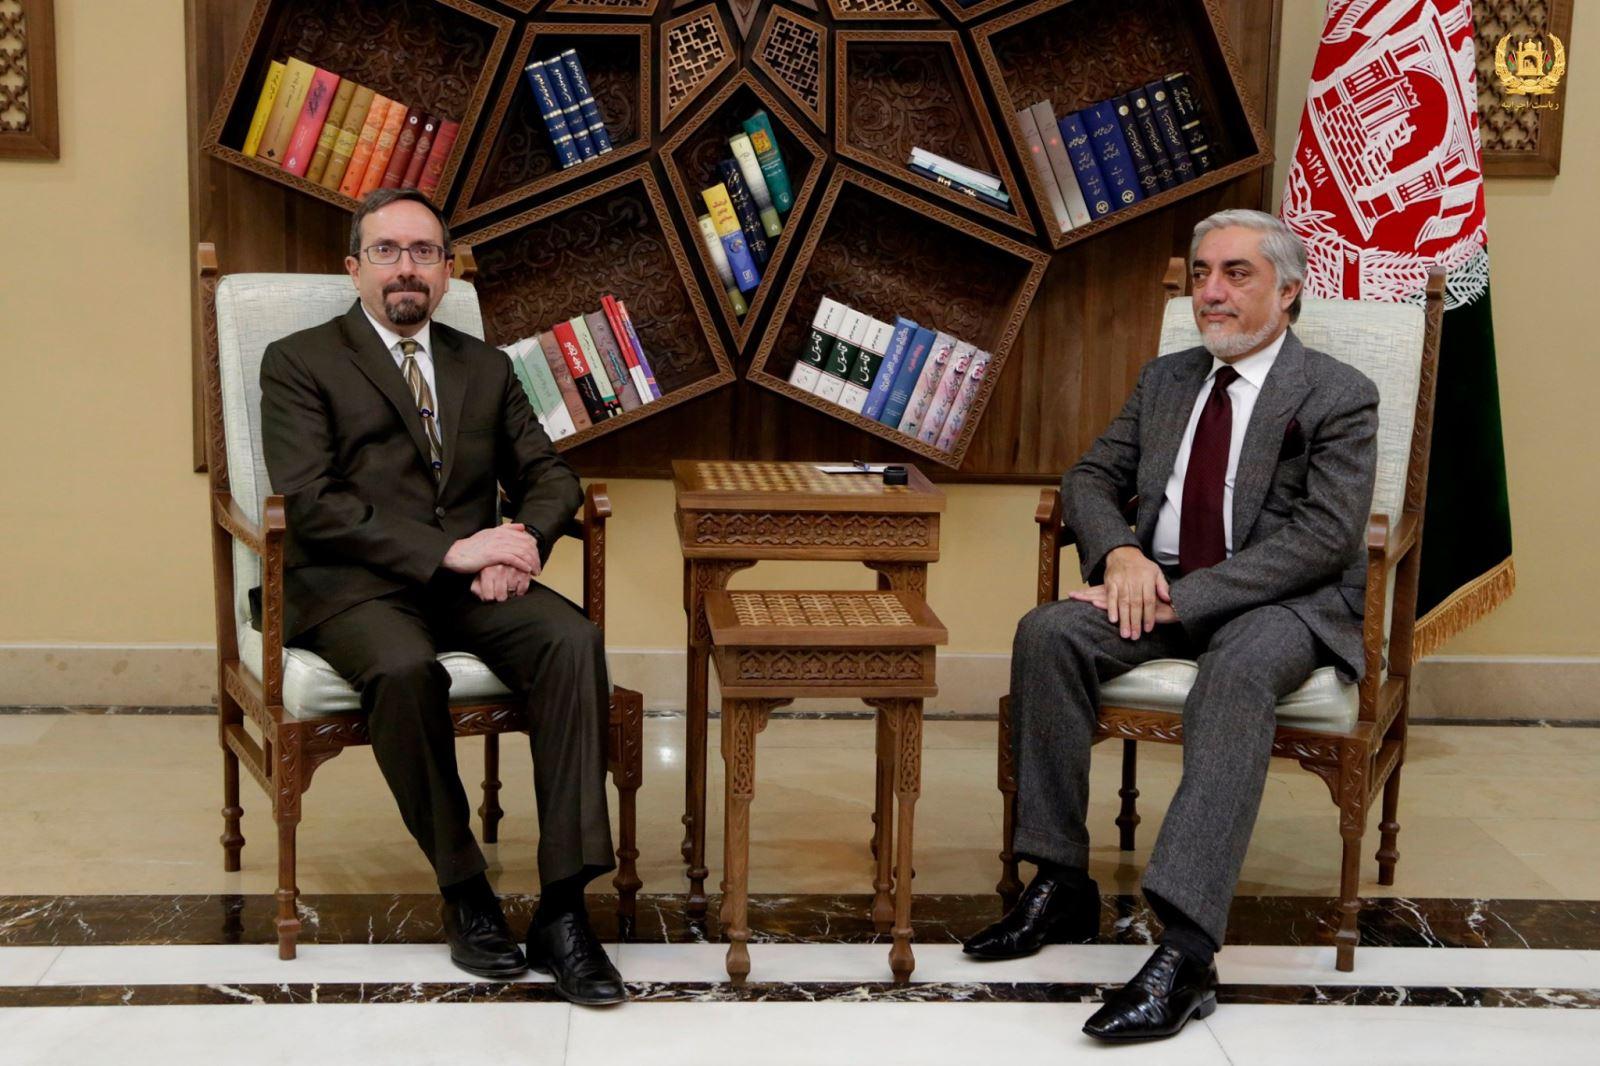 رییس اجراییه با سفیر ایالات متحده امریکا دیدار کرد